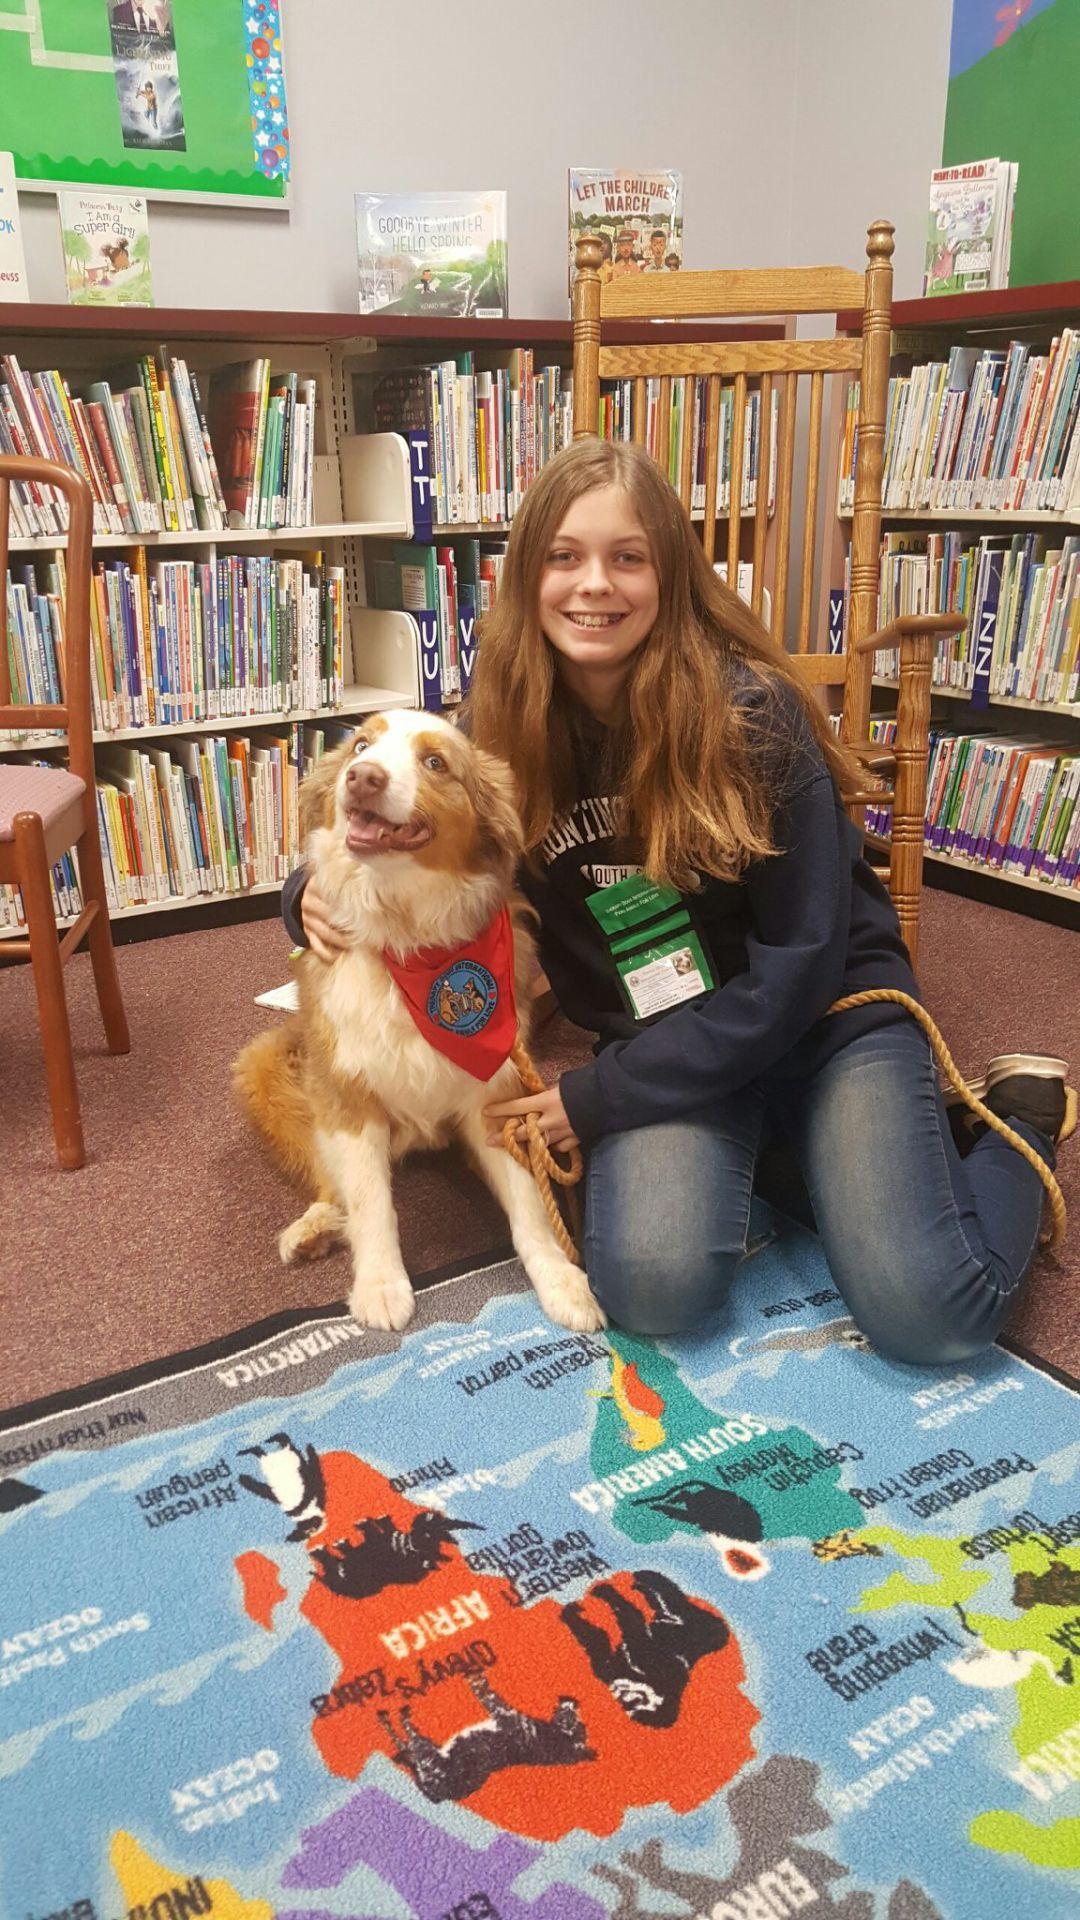 Bandit visits Nicholson library